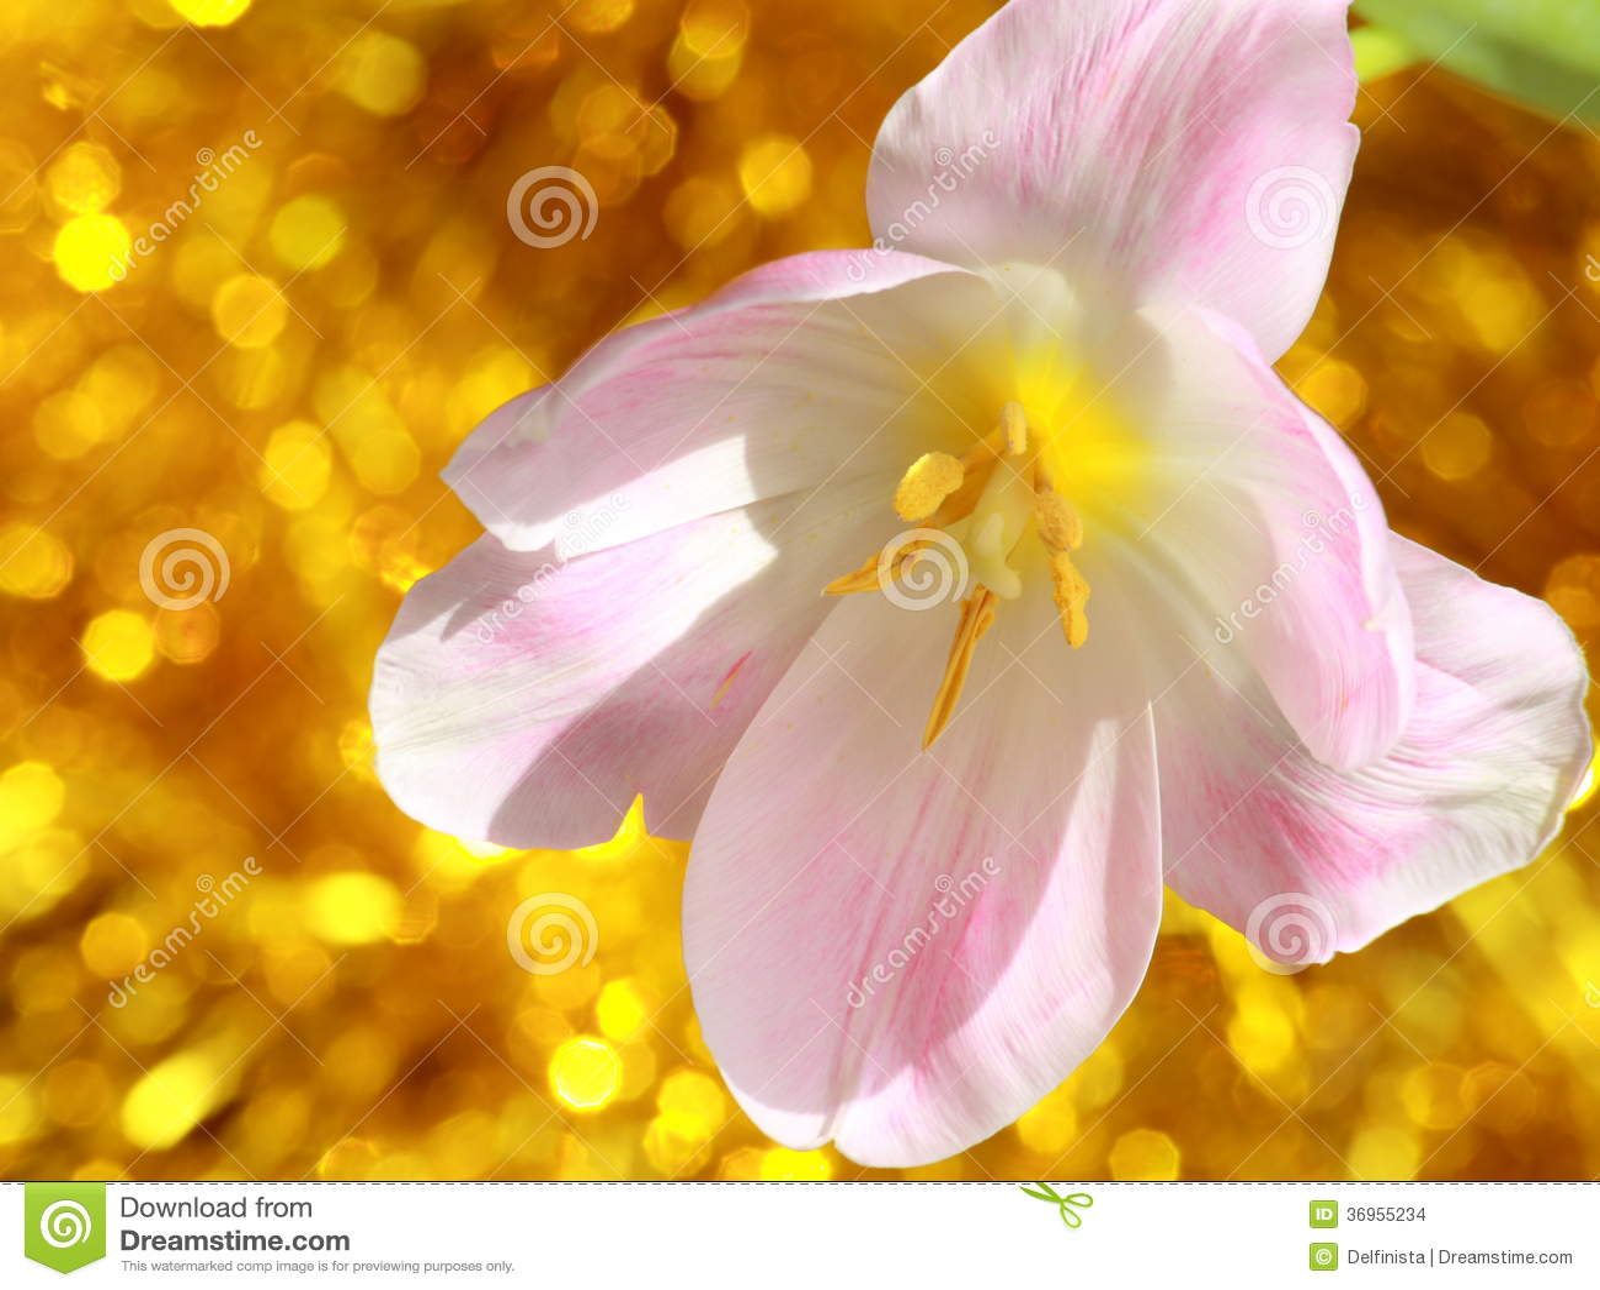 Flor del tulipán: Día de madres o fotos de la acción de Pascua